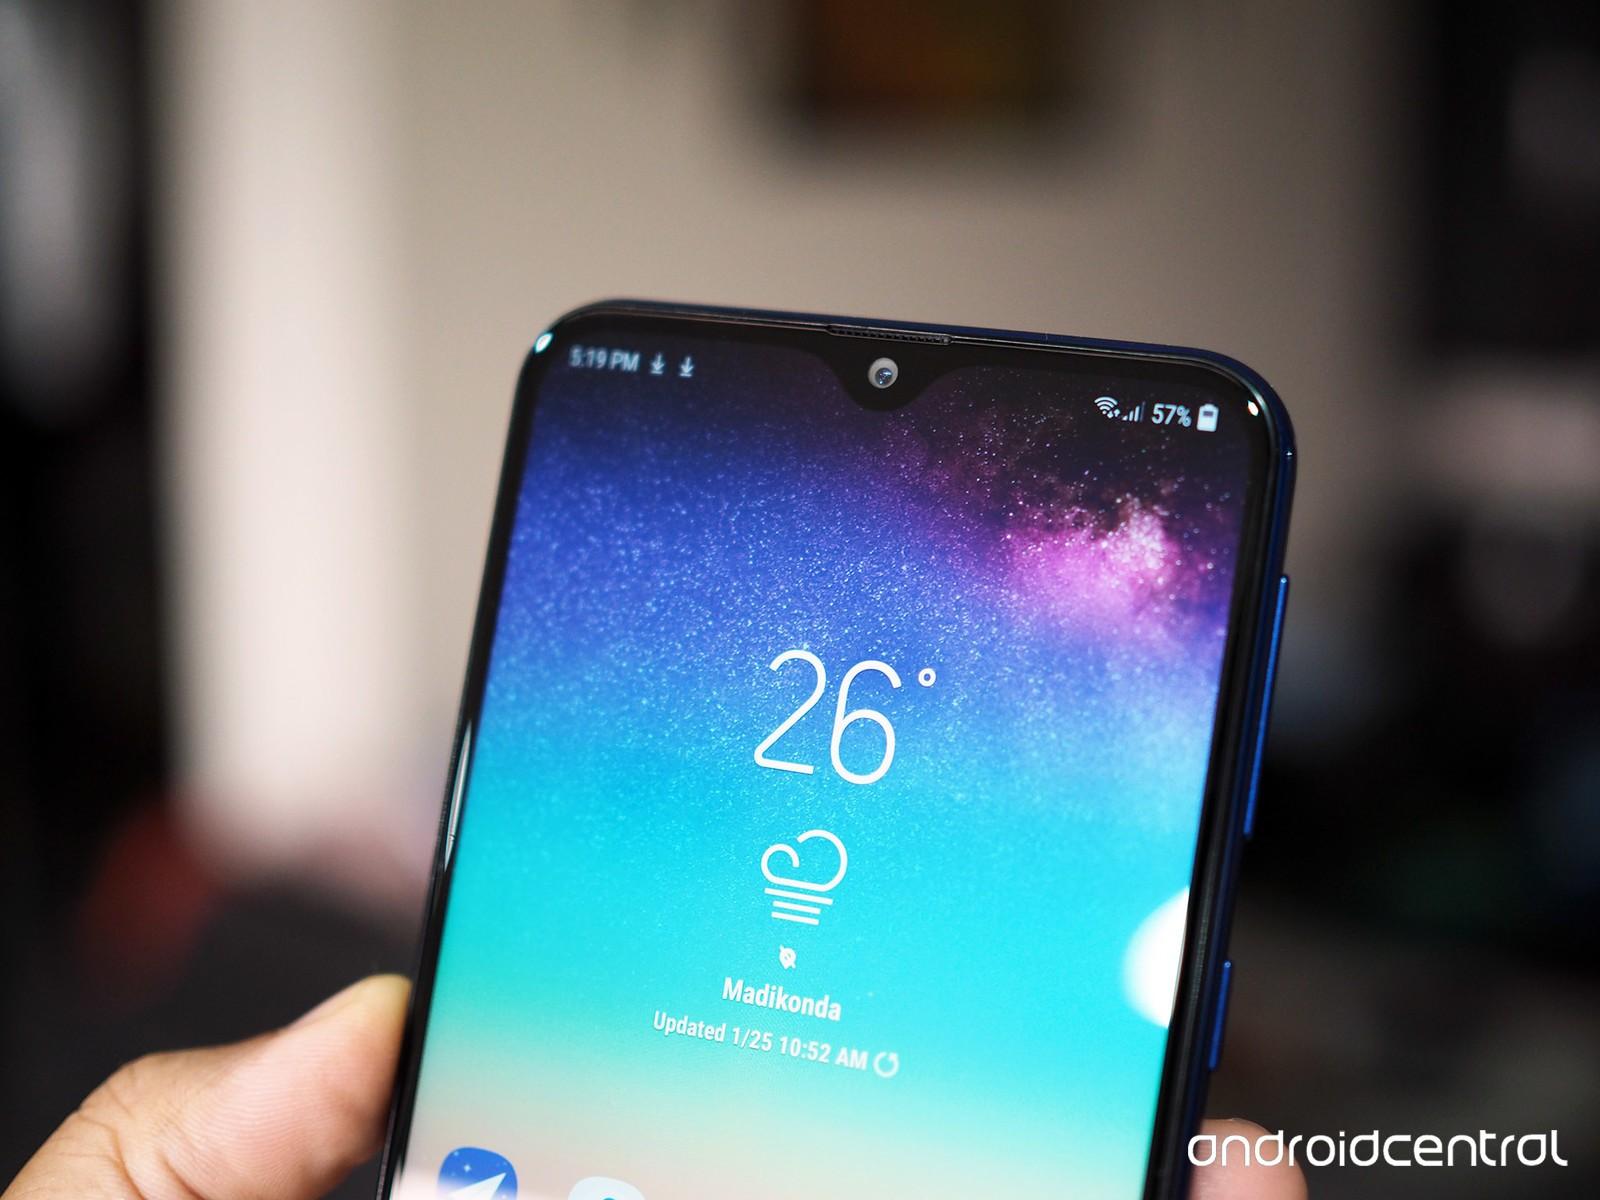 Rò rỉ Galaxy A50: màn hình giọt nước, 3 camera sau, vân tay trong màn hình?